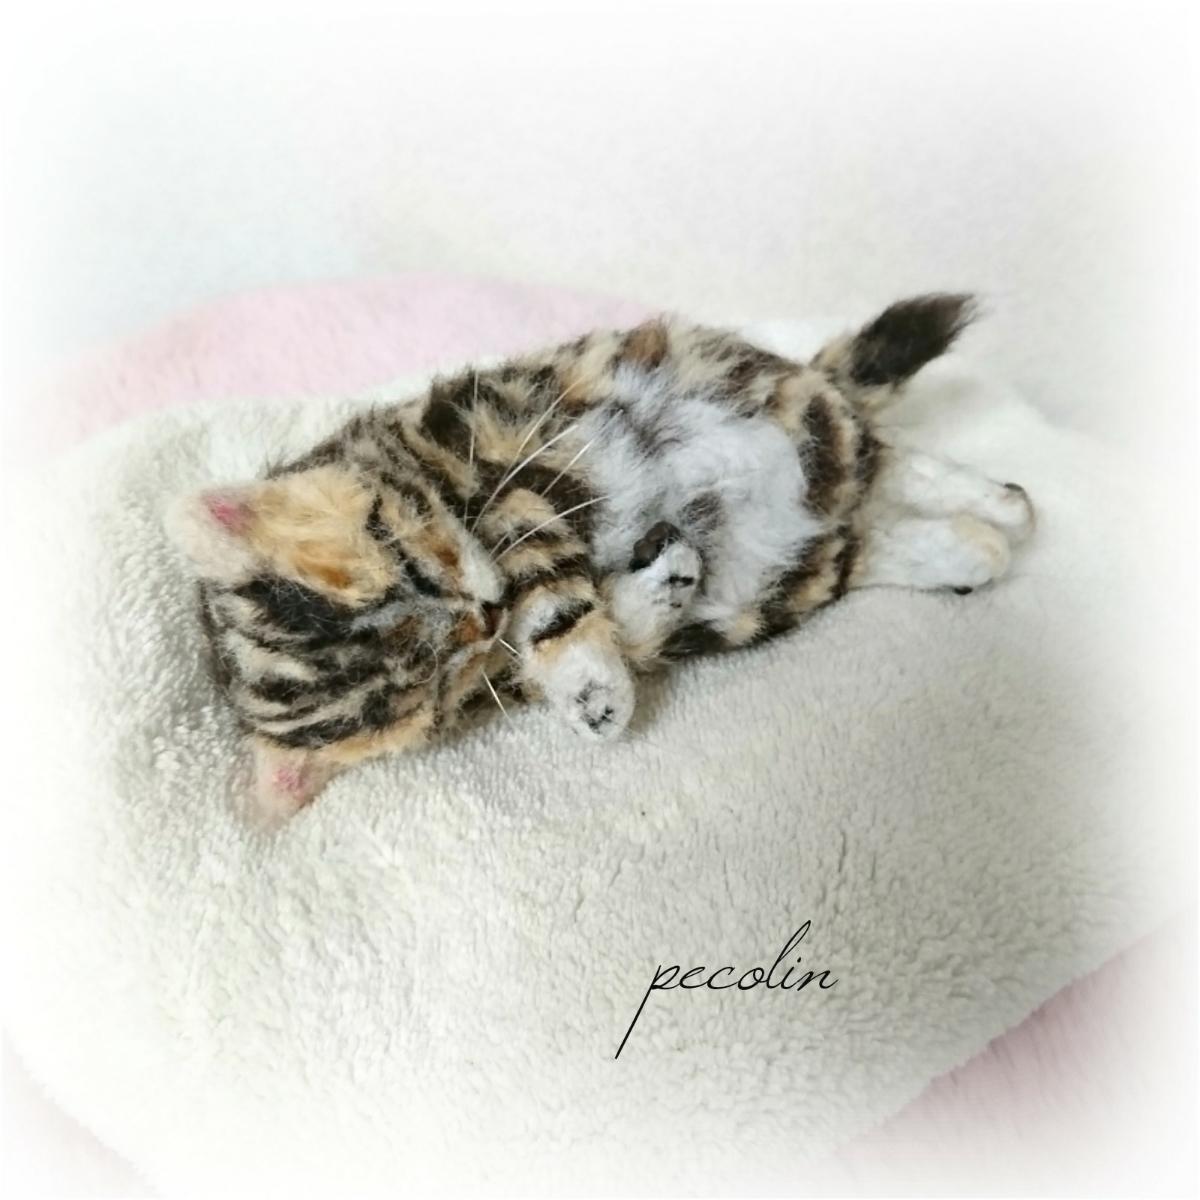 peco-lin 羊毛フェルト すやすや眠るベンガルの赤ちゃん 猫 ハンドメイド 眠り猫_画像10